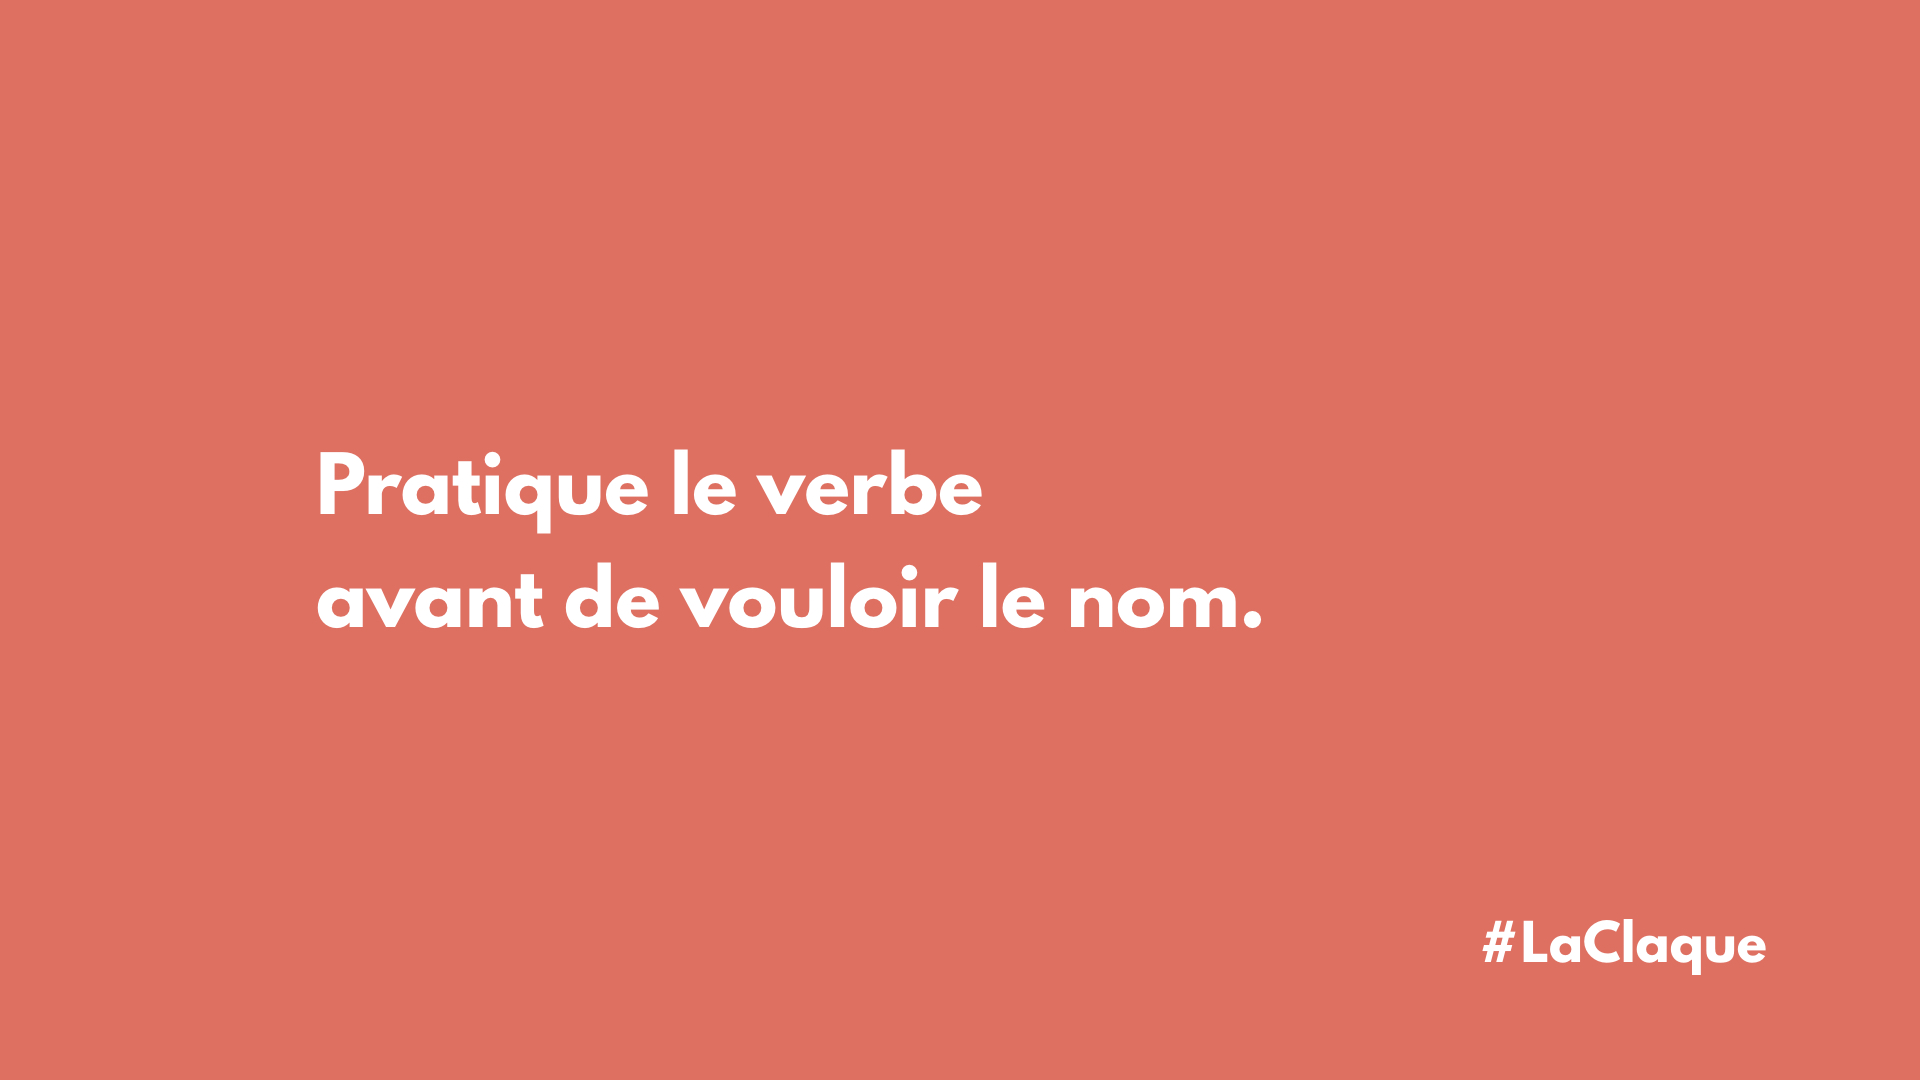 Pratique le verbe avant de vouloir le nom.